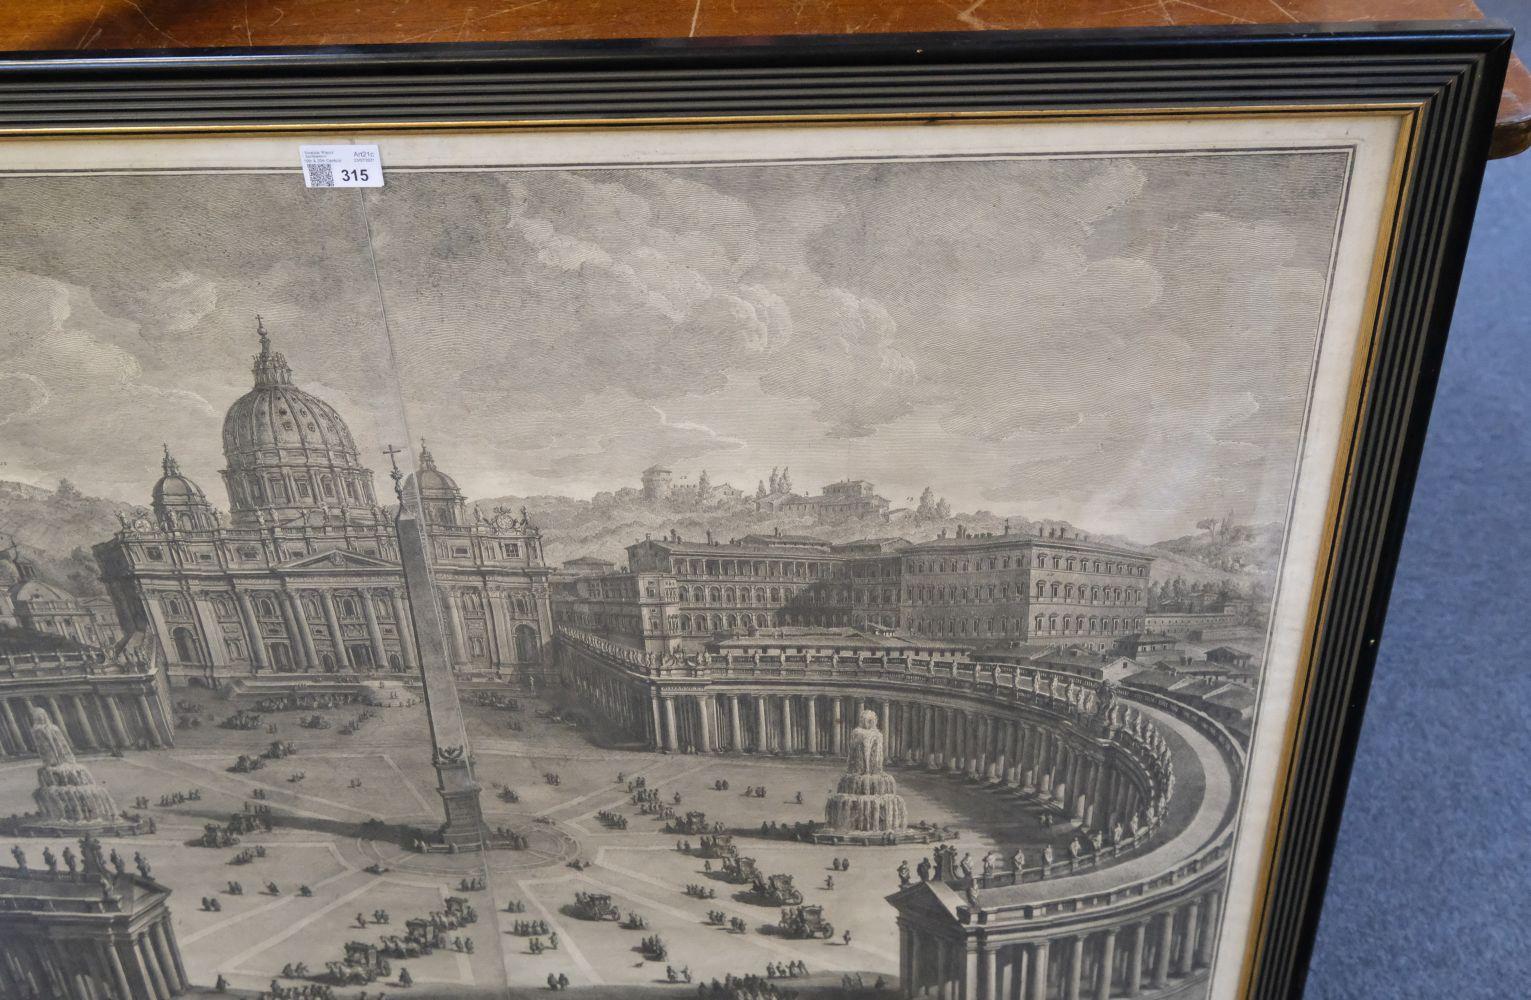 * Vasi (Giuseppe, 1710-1782). Prospetto principale del Tempio e Piazza di S. Pietro, 1774 - Image 6 of 6